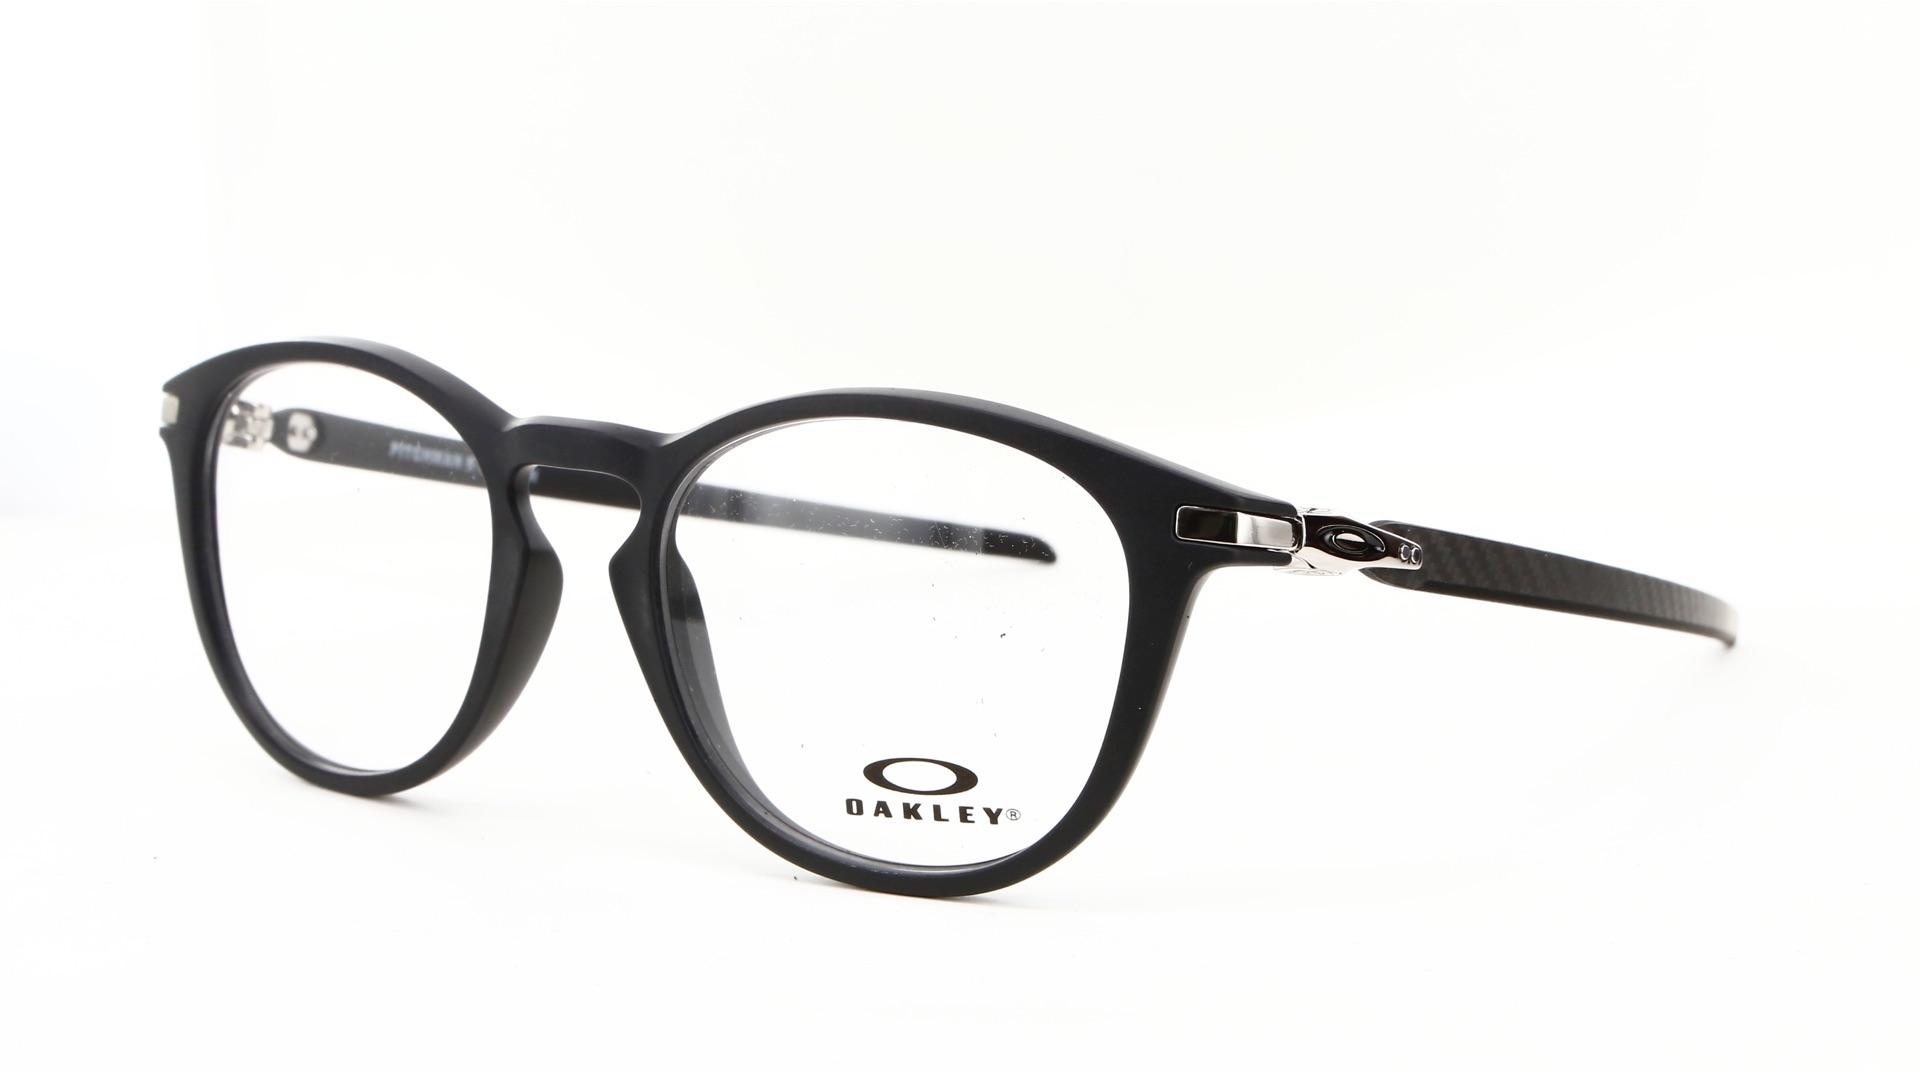 Oakley - ref: 80730